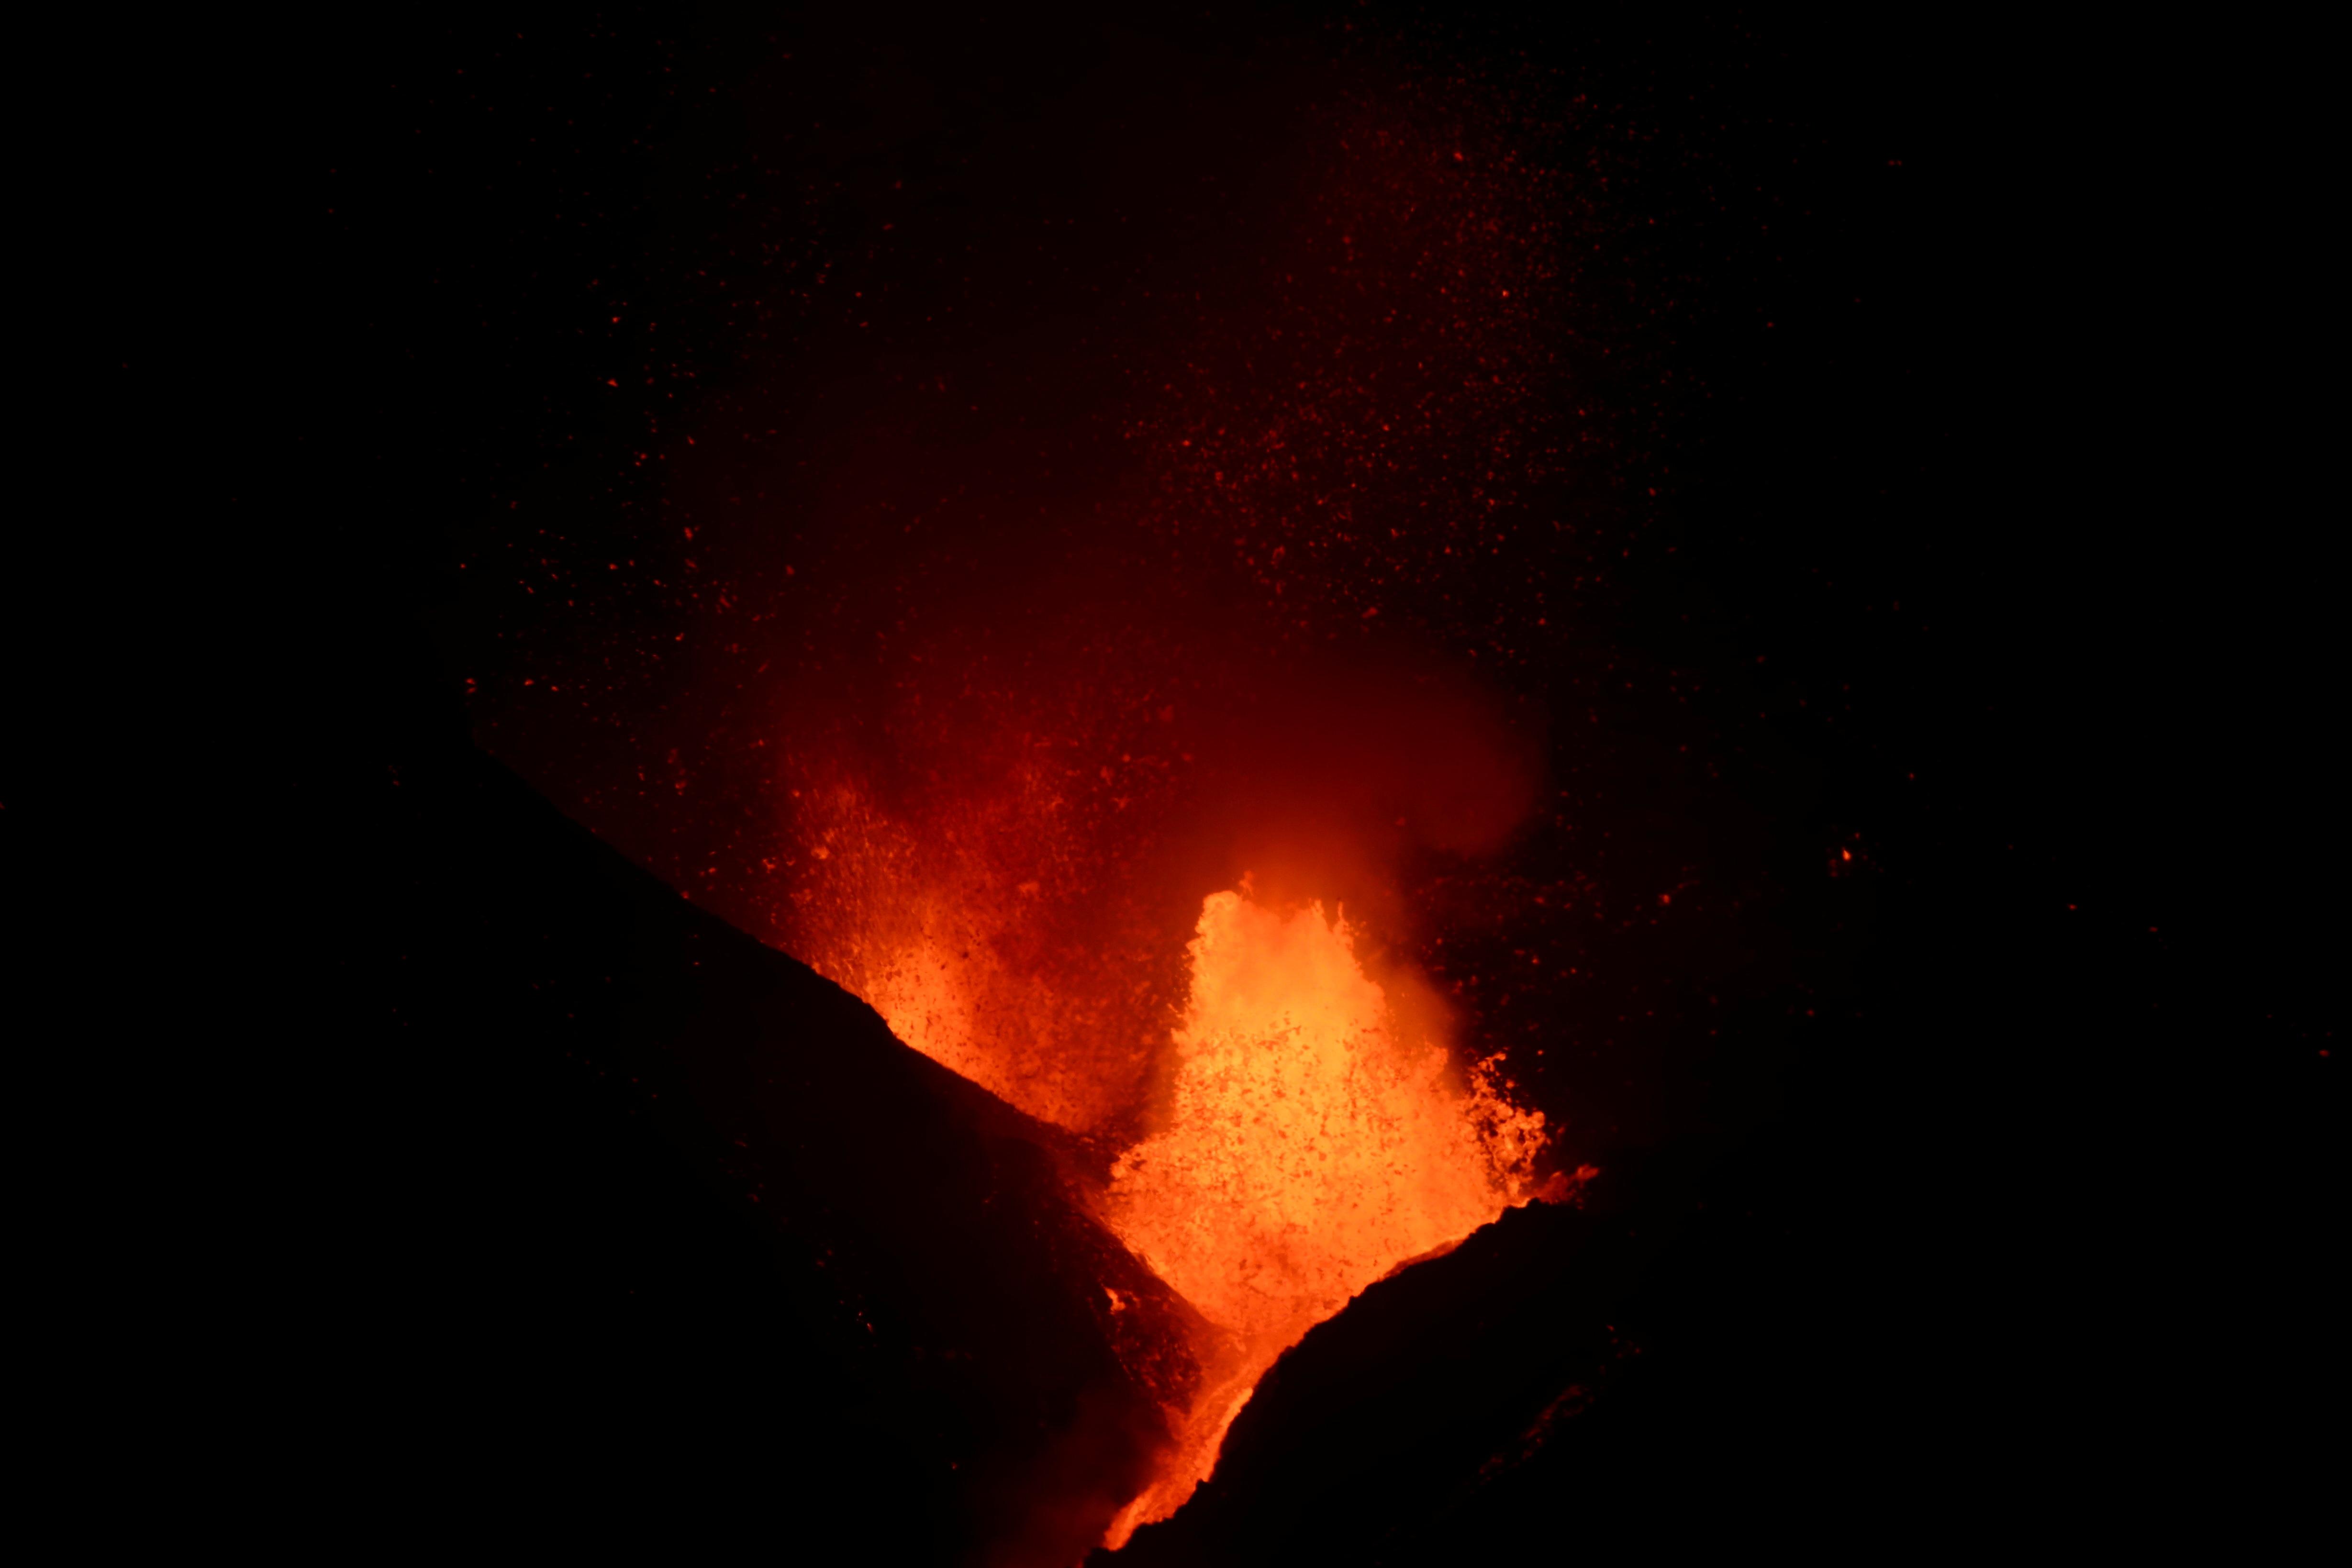 O vulcão Cumbre Vieja expele lava enquanto continua a entrar em erupção na Ilha Canária de La Palma, visto de El Paso, Espanha, 14 de outubro de 2021. REUTERS / Sergio Perez